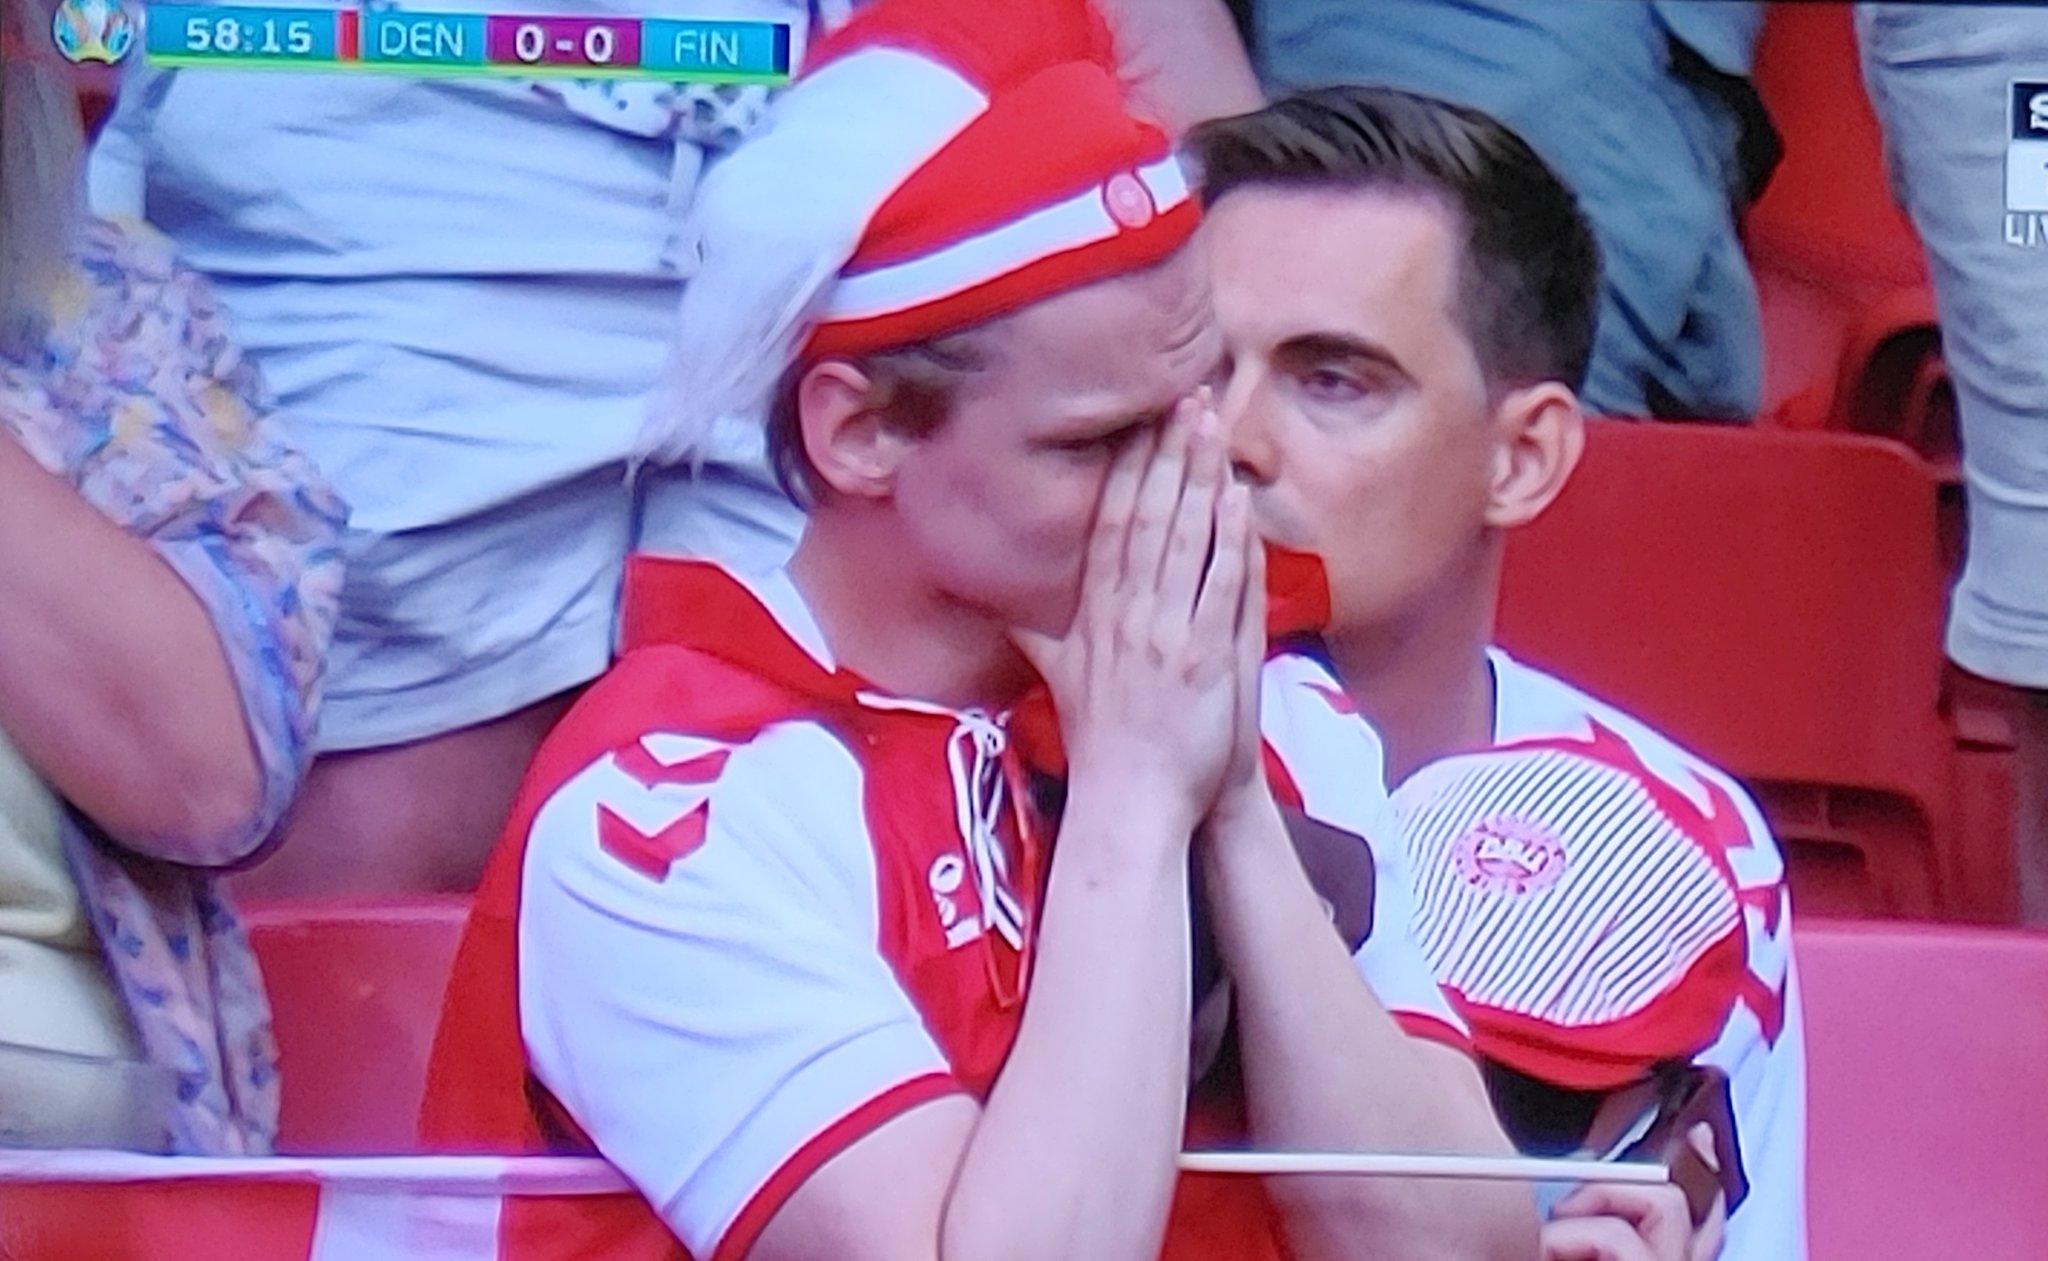 फैन्स भी रोने लगे थे।